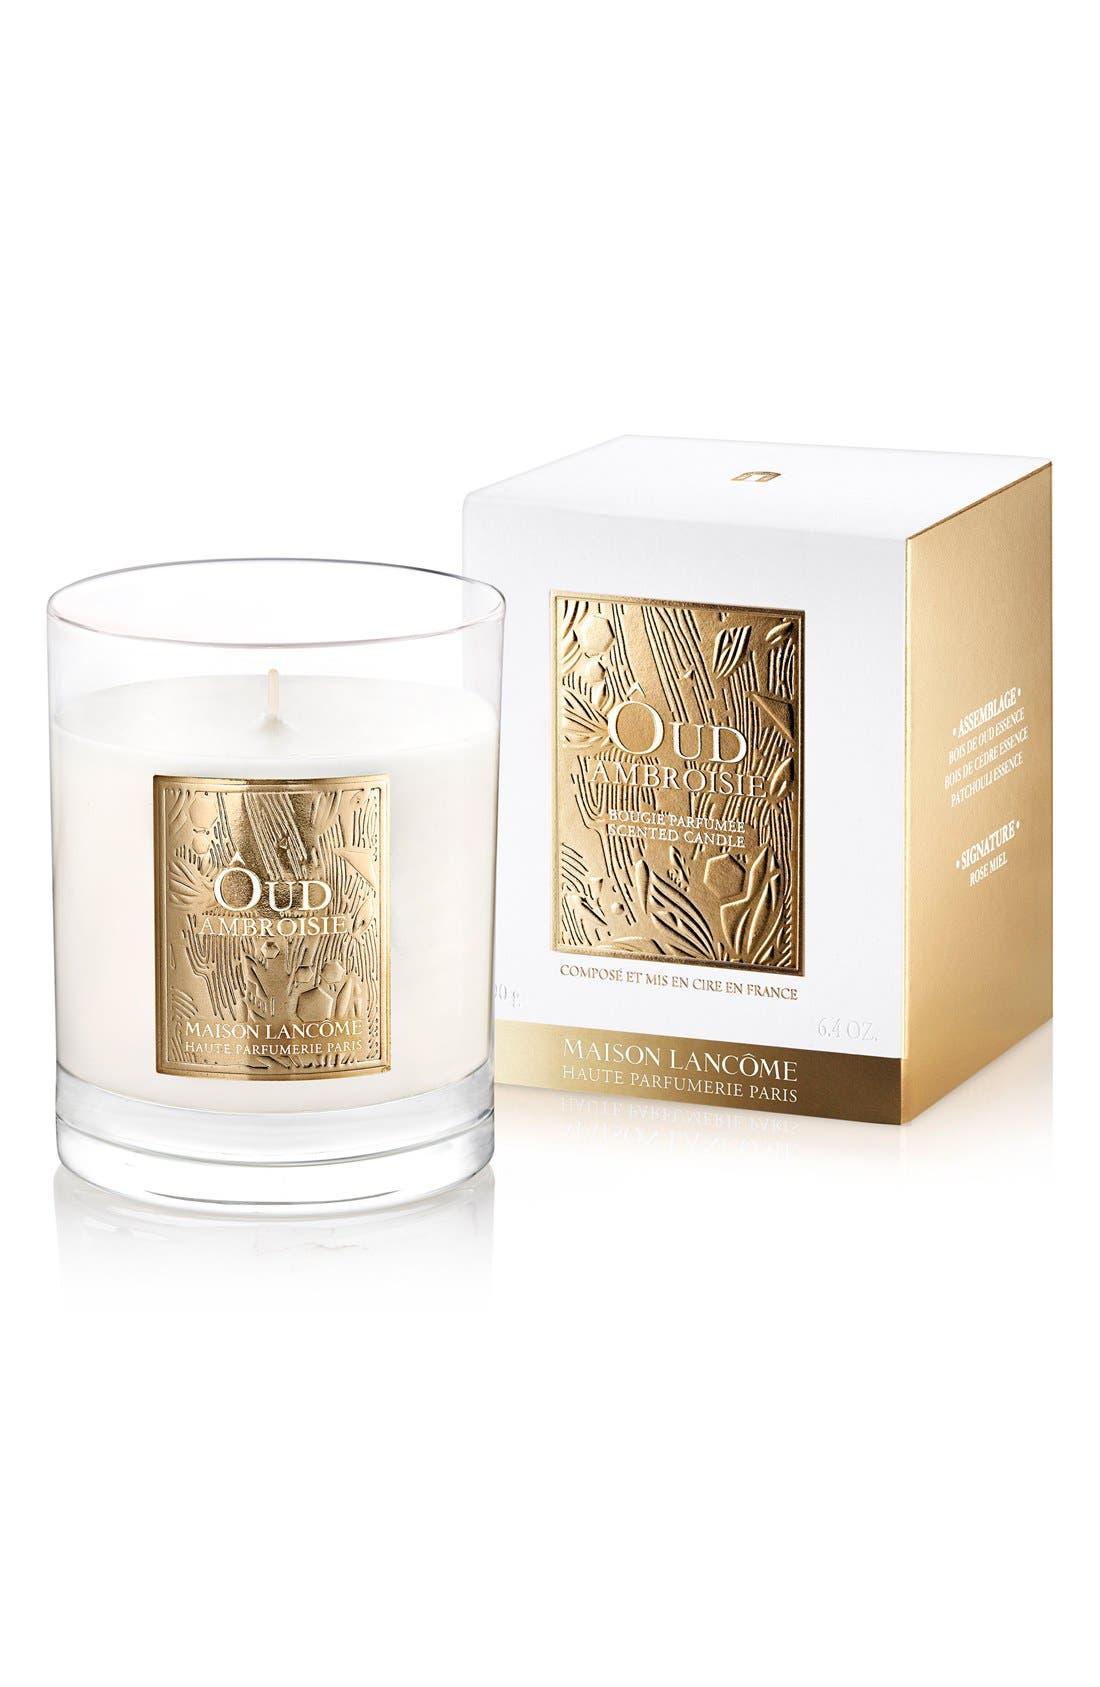 Lancôme Maison Lancôme - Ôud Ambroisie Candle